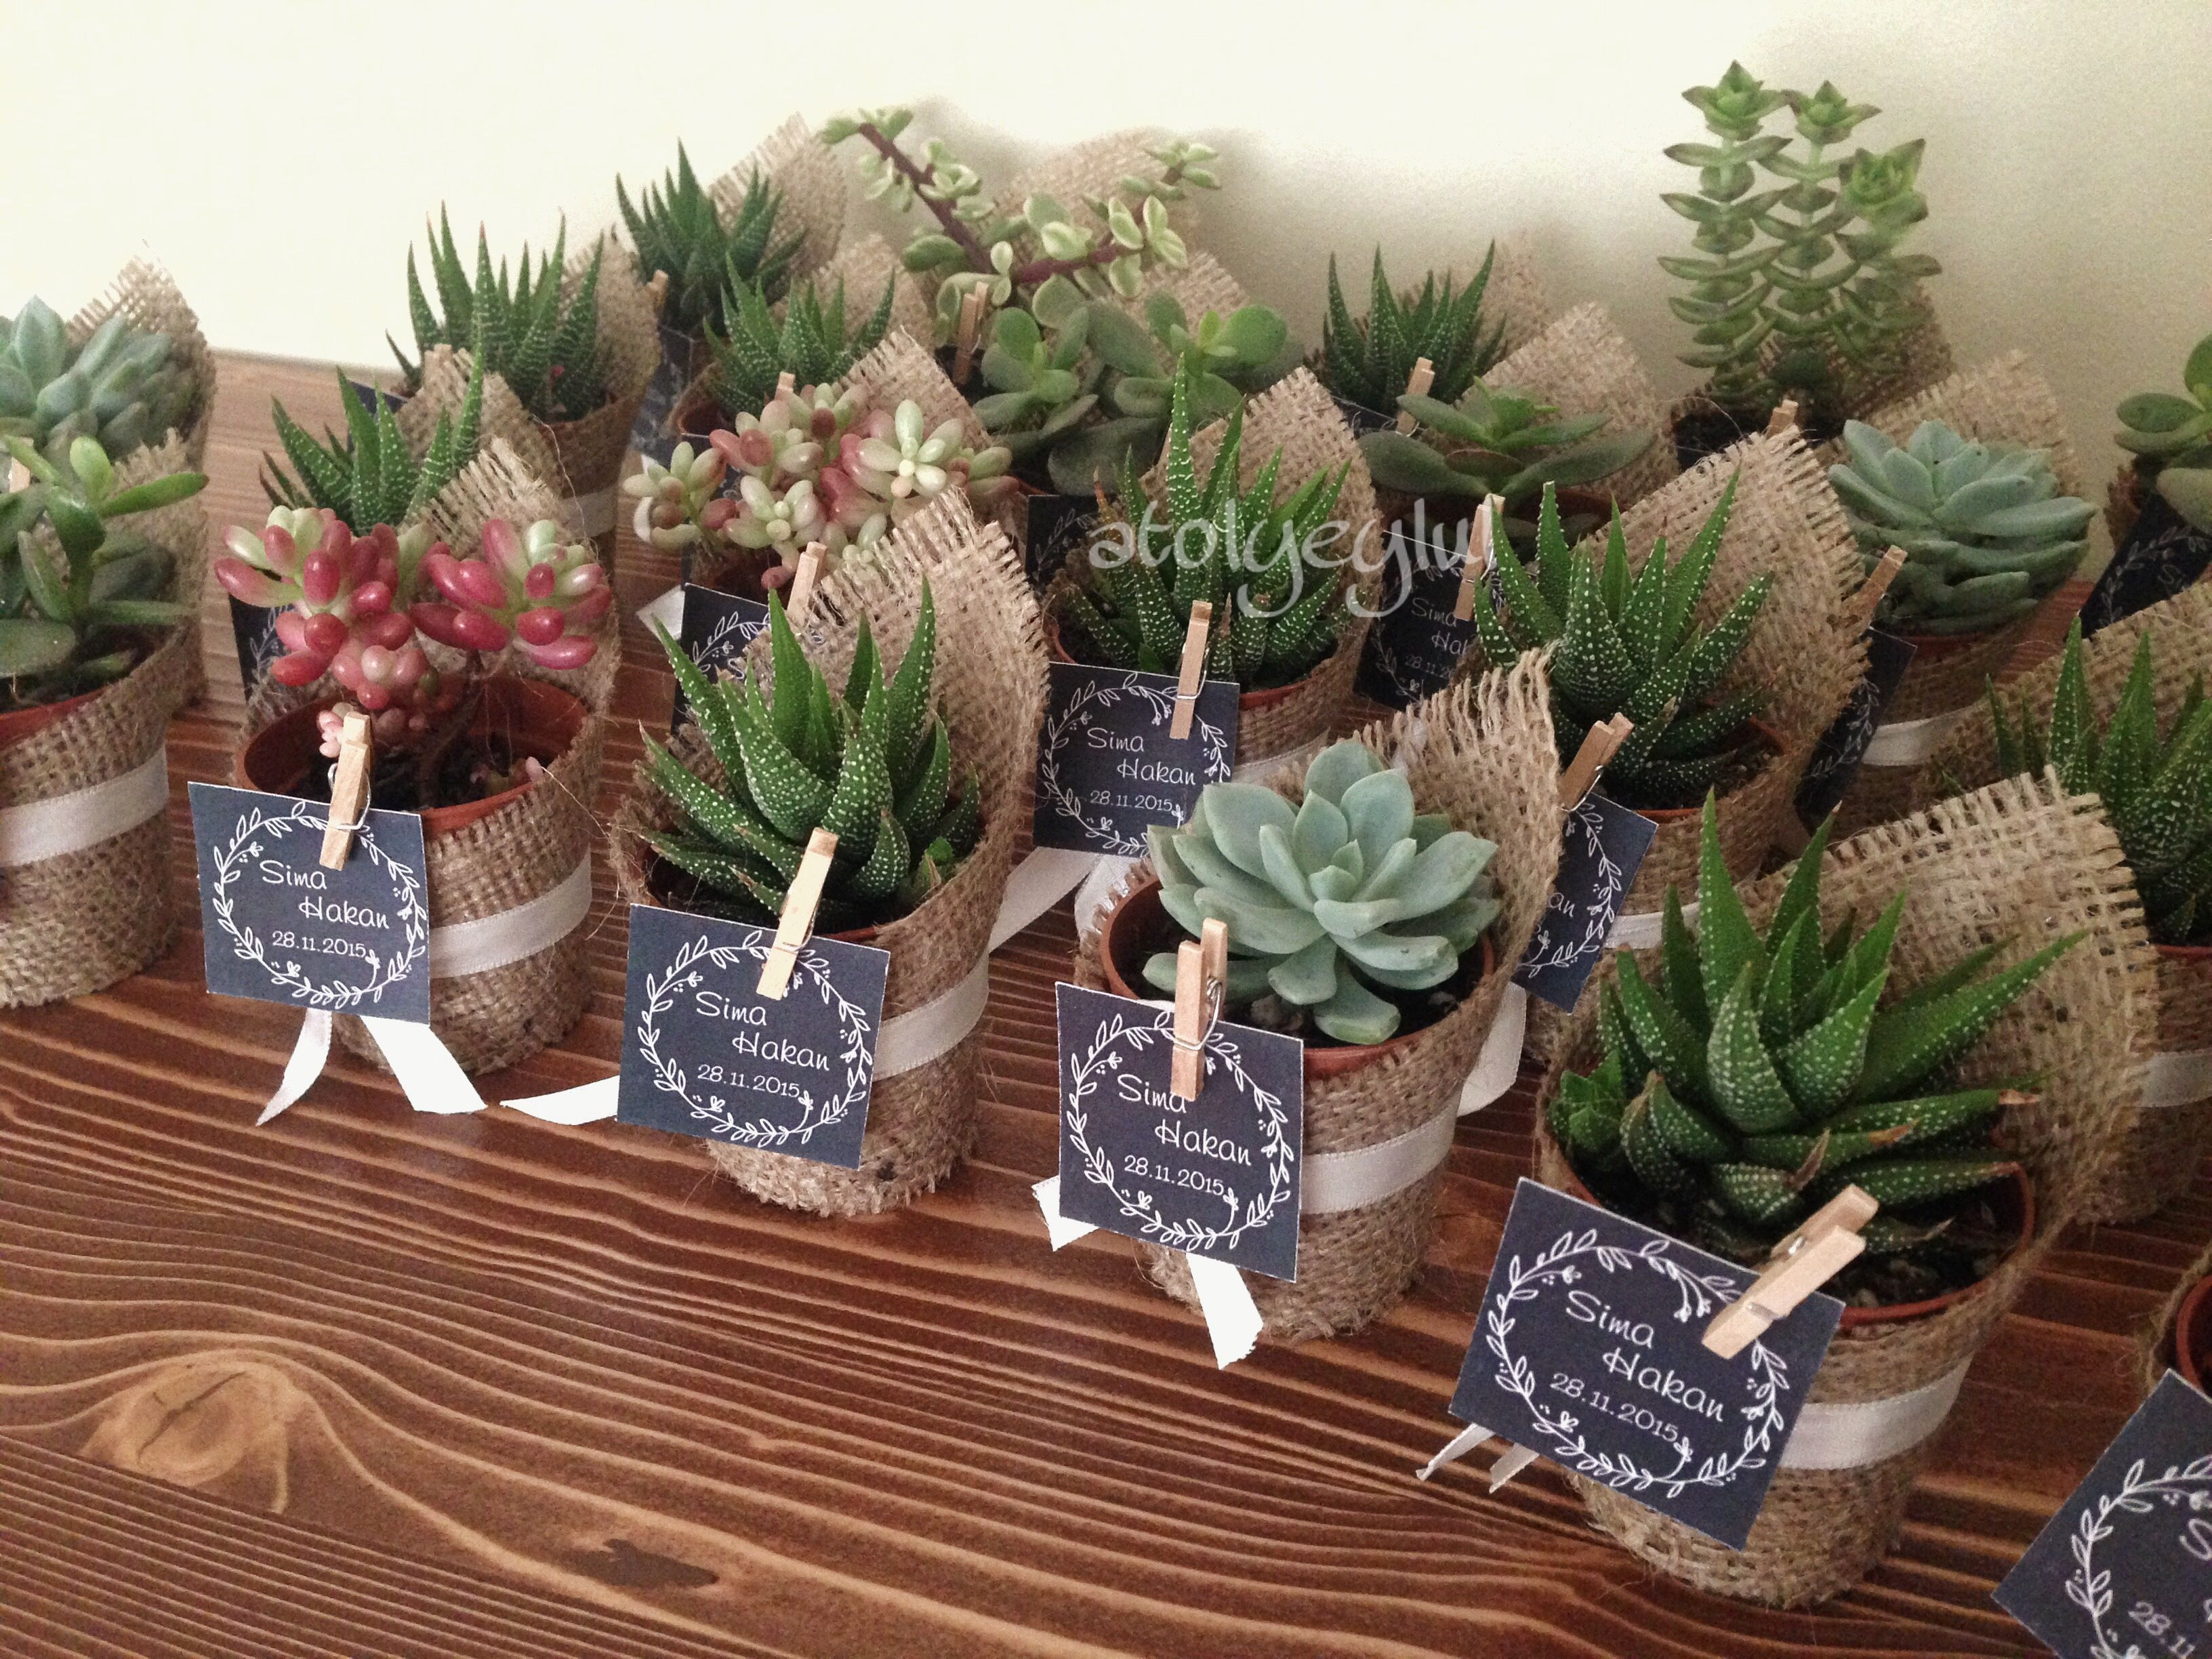 Recuerdos De Bautizo Con Cactus.Regalos Bautizo Cactus Regalos Bautizo Boda Y Recuerdos